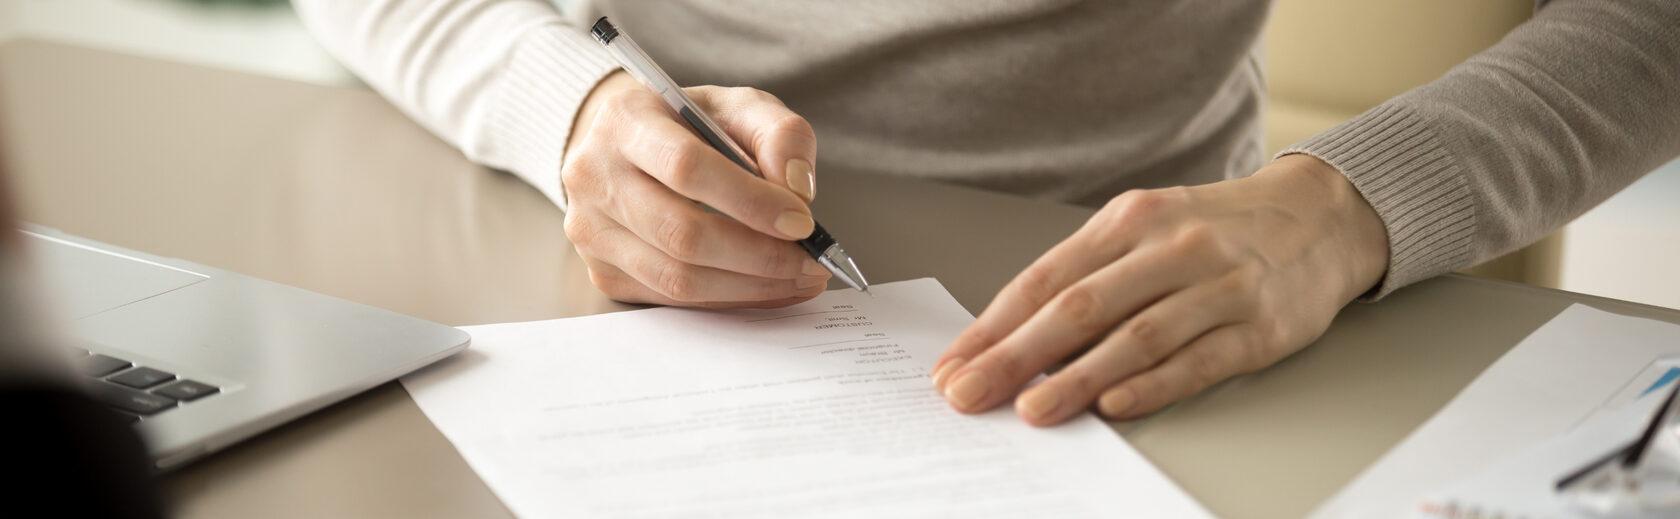 подписание документов